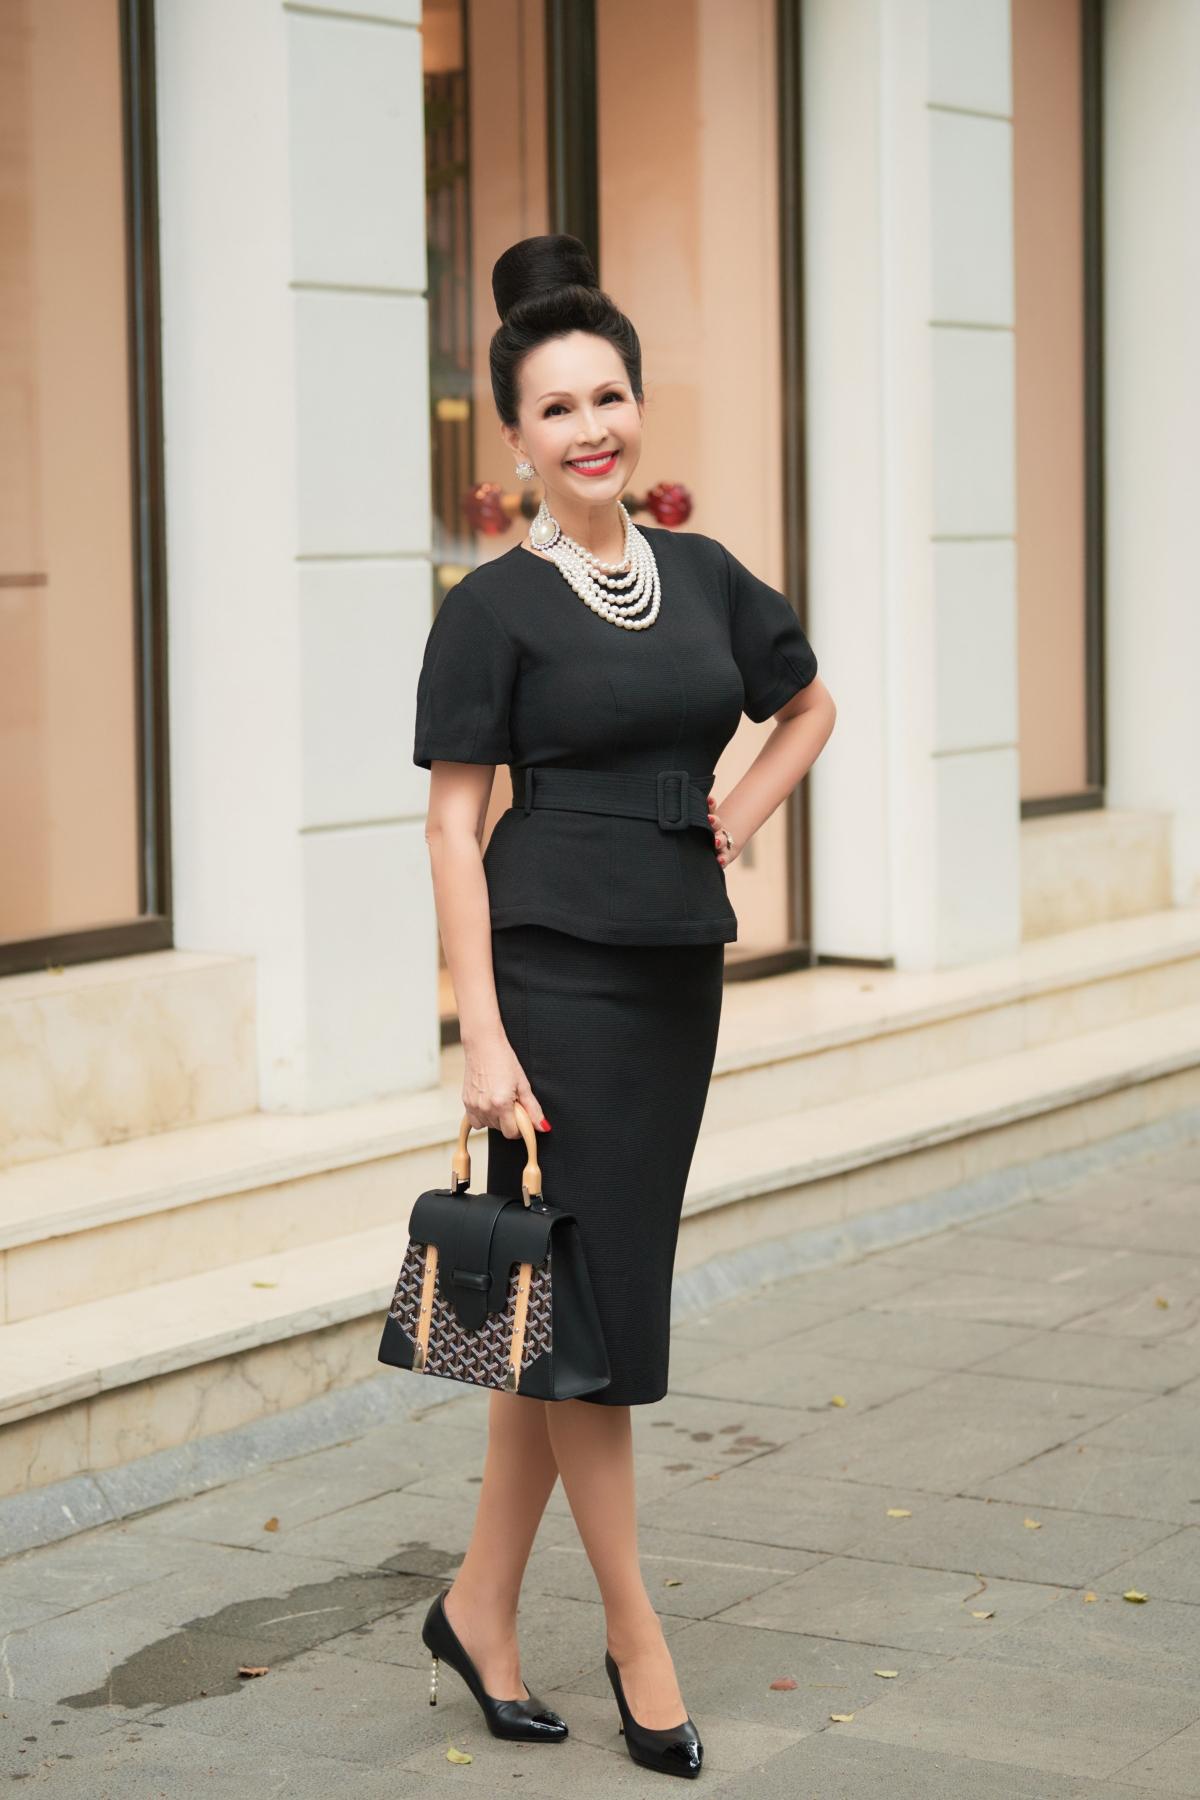 Nữ diễn viên kết hợp với loạt phụ kiện của Hermes, Chanel, Goyard với những tông màu phù hợp với màu đen của trang phục như: trắng, đen, nâu nhạt. Vẻ ngoài của Diễm My đều khiến mọi người bất ngờ khi biết được tuổi thật của cô.